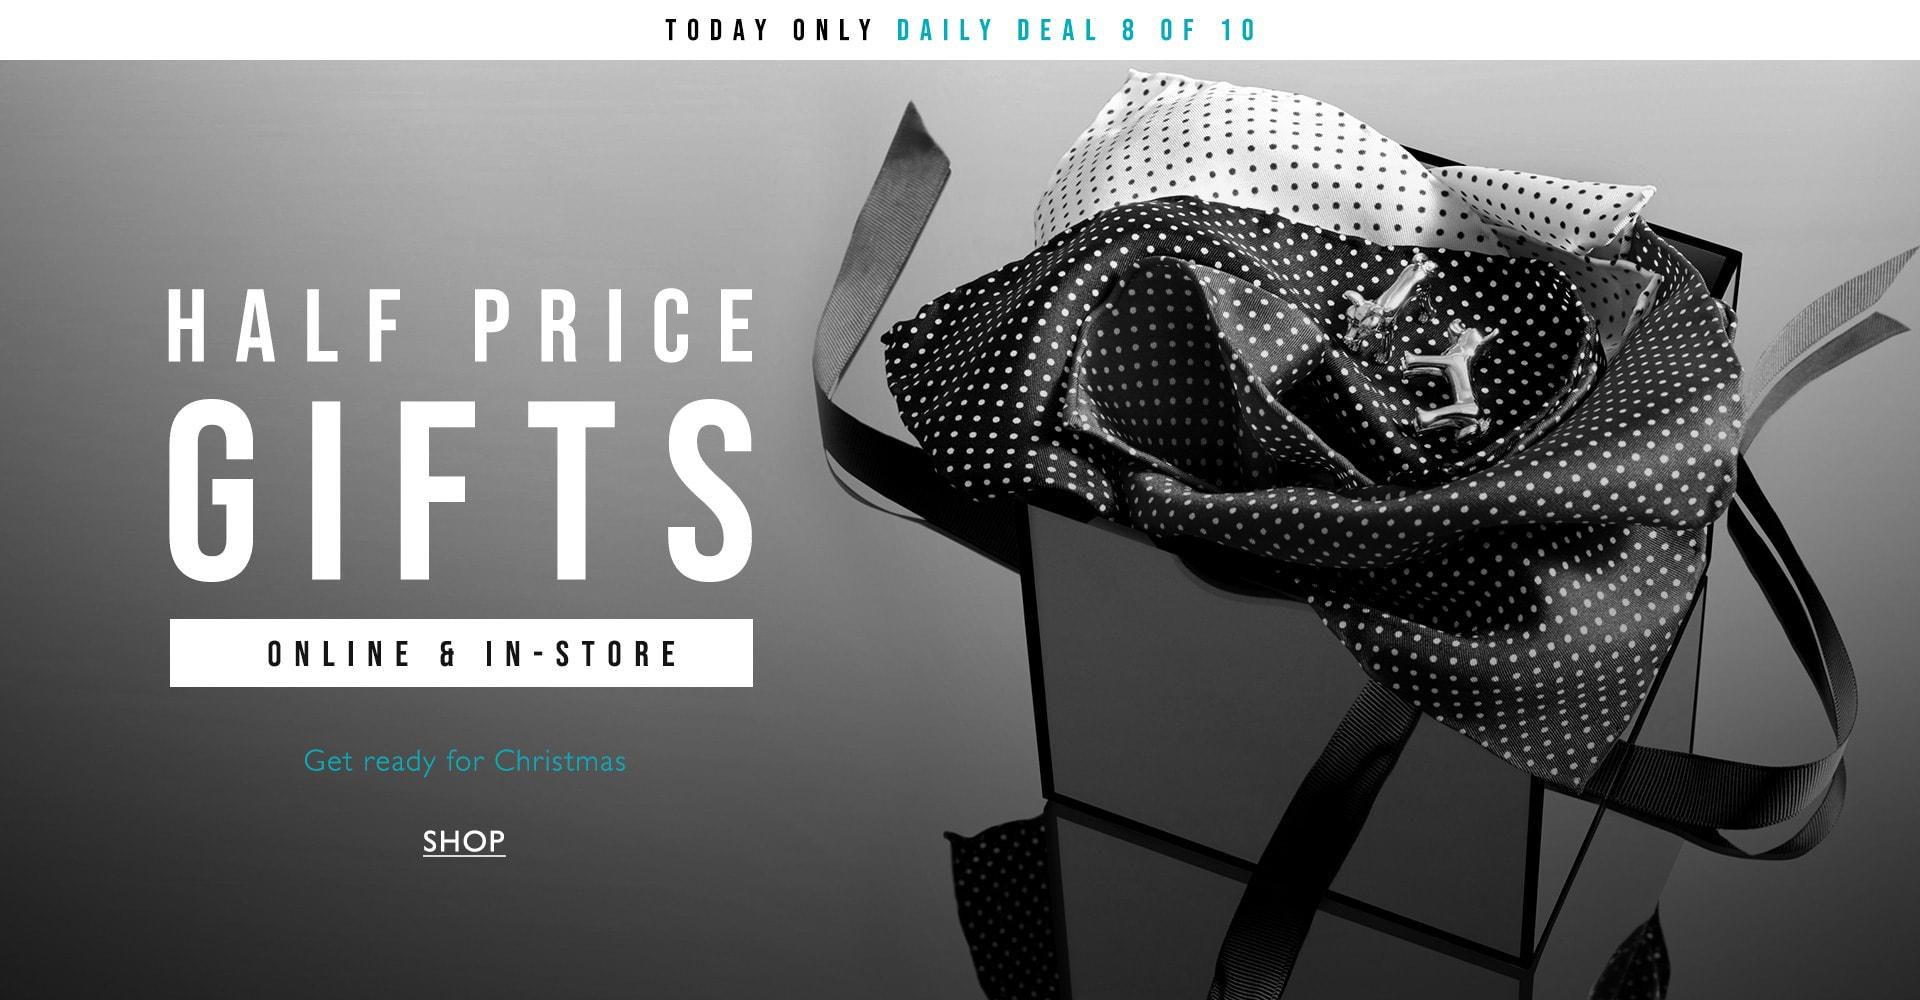 Half price gift sets eg black bonded leather belt now £7.50, 5 pack cotton socks £6, Hip flask £6, Pocket Squares £3.50 @ Moss Bros